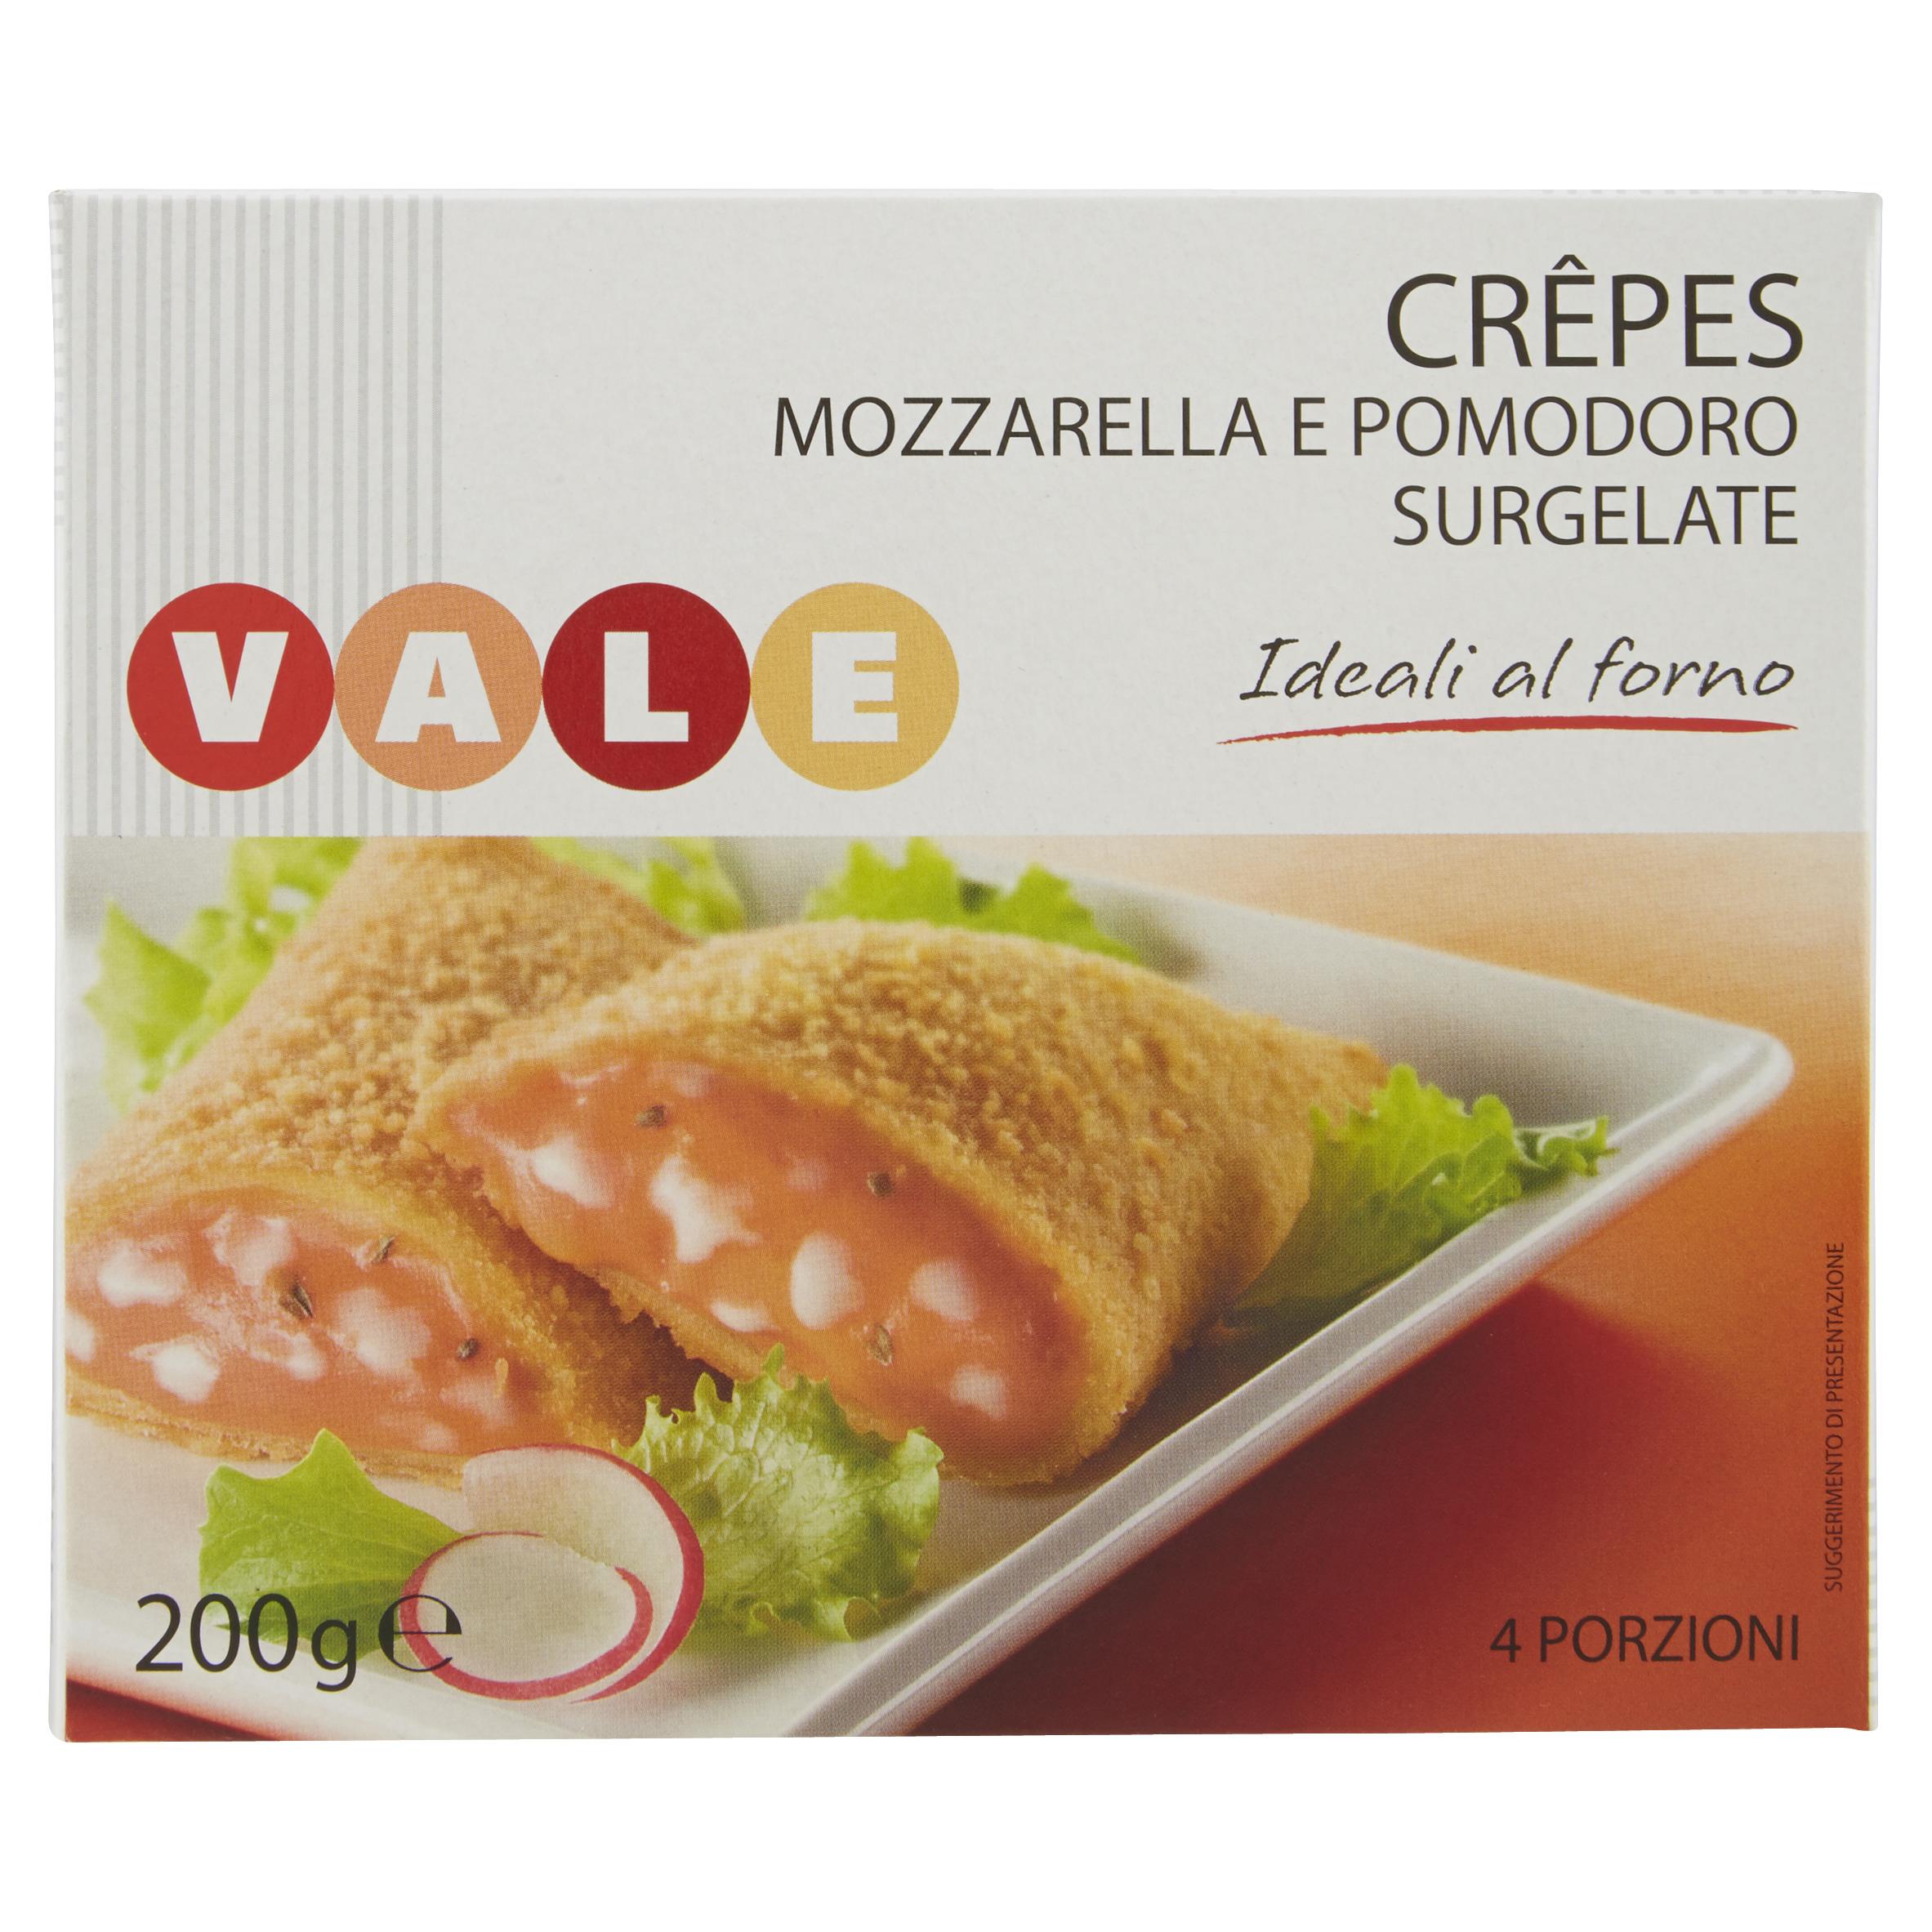 CREPES MOZZAREL/POMODORO GR200 VALE